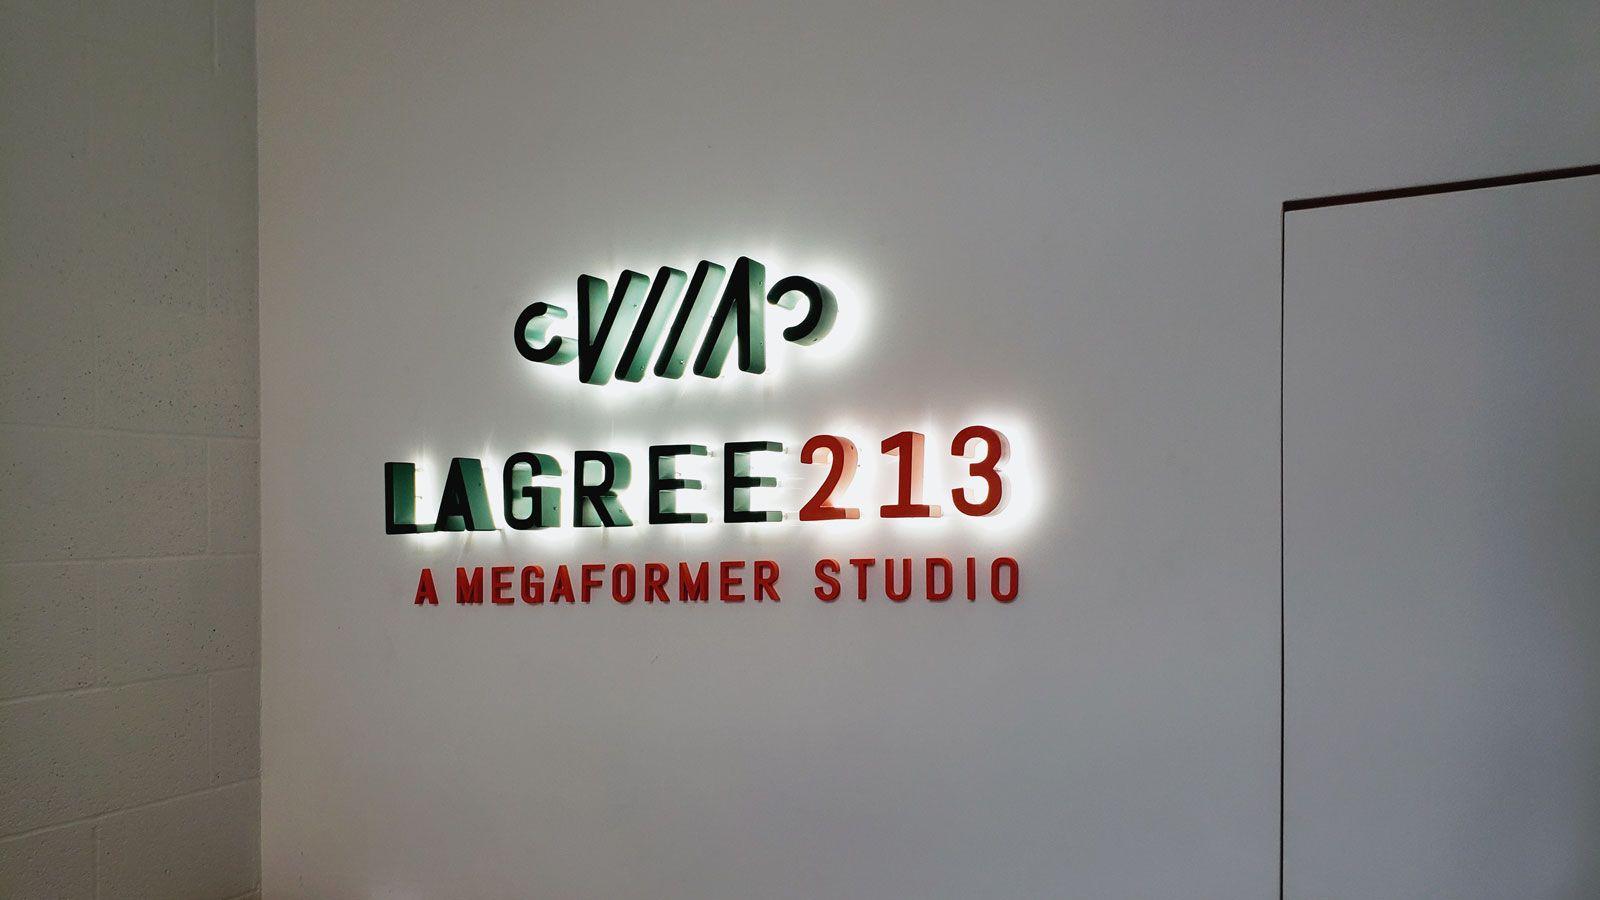 lagree213 backlit letters